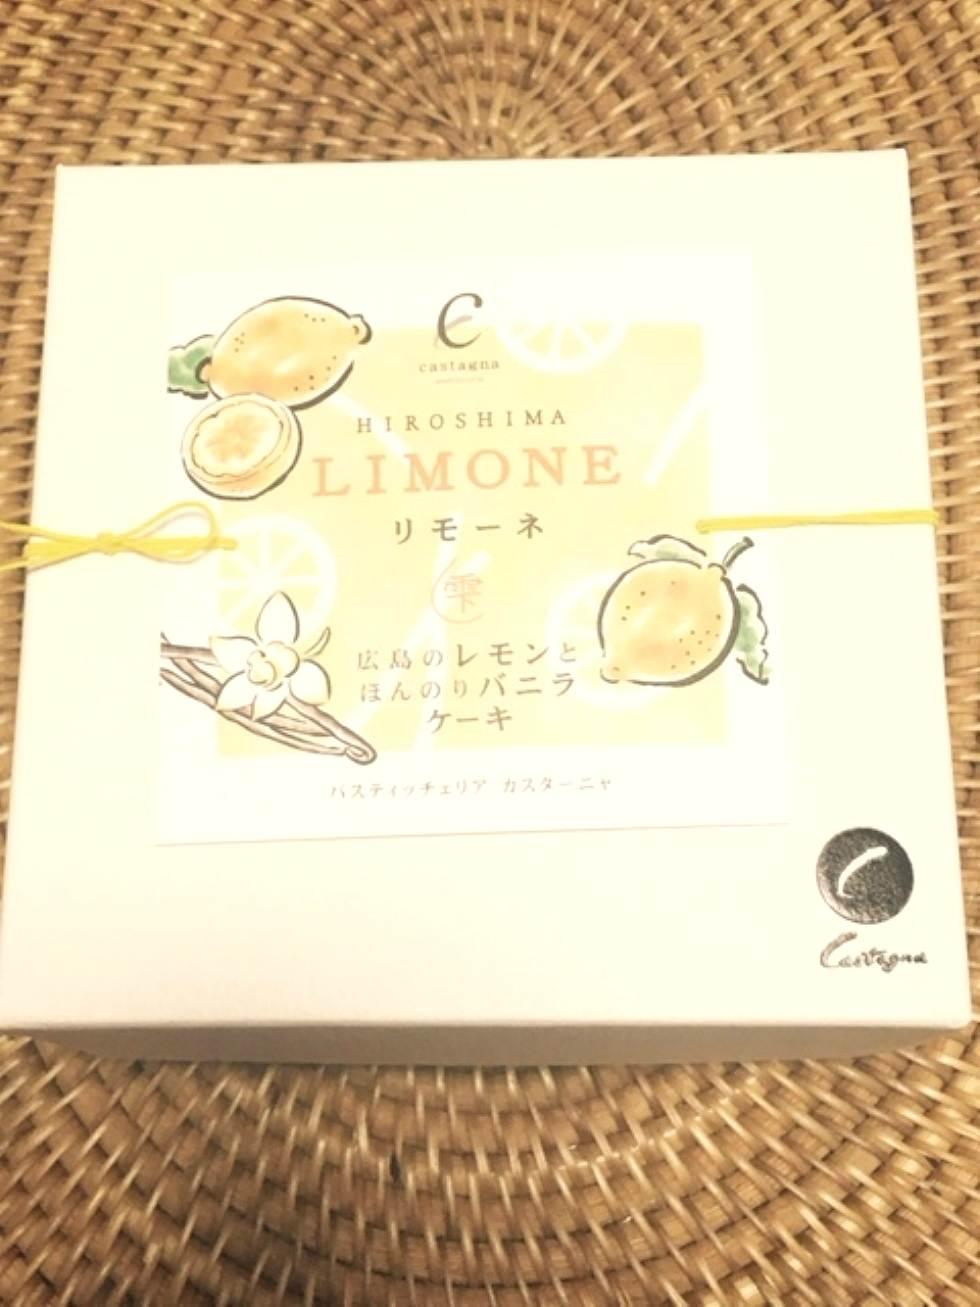 リモーネ ~レモンとバニラのケーキ